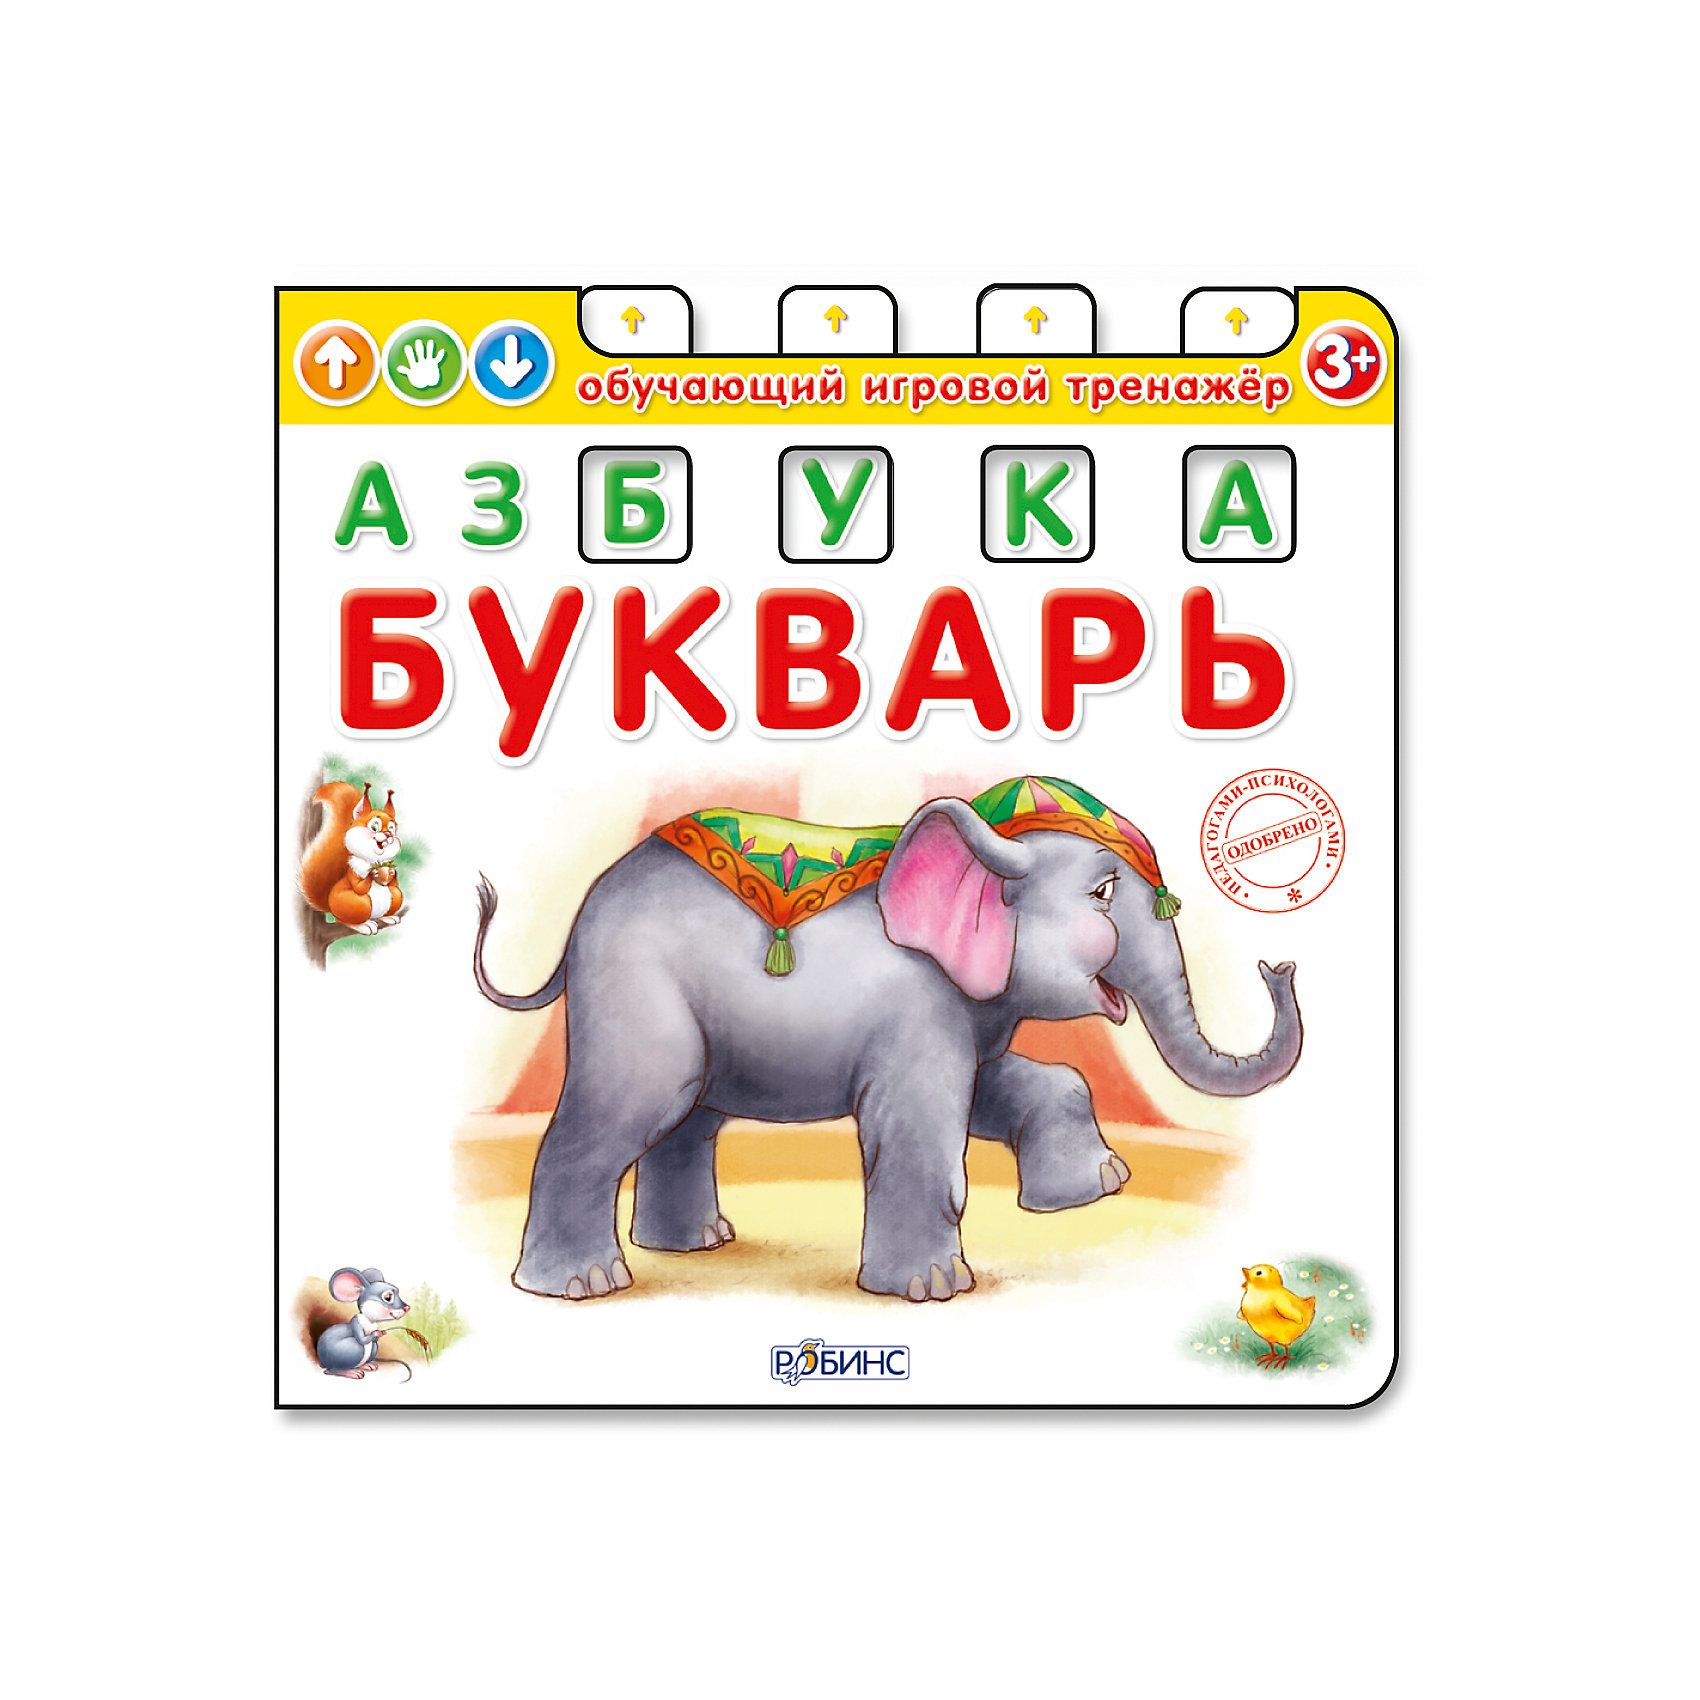 Обучающий игровой тренажер Азбука-БукварьОбучающий игровой тренажер Азбука-Букварь – это не просто азбука, а настоящий игровой тренажер, который поможет ребенку выучить буквы.<br>Обучающий тренажёр Азбука-Букварь – уникальная технология, разработанная детскими психологами и позволяющая улучшать память, внимание, мышление и логические способности, готовить детей к школе. С помощью этой книги вашему ребенку будет гораздо легче и проще освоить алфавит и обучаться чтению в процессе веселой игры. На каждом развороте книги имеется крупно изображенные буквы, забавные стихотворения про животных и картинки животных, задания, 4 окошка и четыре подвижных элемента-язычка, на которых есть буквы. Каждой букве посвящено отдельное стихотворение о каком-нибудь животном. Начальные буквы выделены разным цветом, что создаст дополнительные ассоциации и поможет быстрее запомнить алфавит. Полученные знания юный ученик сможет проверить на тренажере. Передвигая язычки, ваш ребенок будет собрать слова из уже изученных букв. Выполняя определённые задания и экспериментируя с тренажёром, ваш малыш будет одновременно играть, и обучаться, а забавные стихи ко всем буквам понравятся ребенку и он быстро и с удовольствием их запомнит. Страницы в книге очень толстые. Они не рвутся, не мнутся и легко переворачиваются.<br><br>Дополнительная информация:<br><br>- Редактор: Наталья Ерофеева<br>- Художник: Г. Белоголовская<br>- Издательство: Робинс<br>- Серия: Обучающий игровой тренажер<br>- Переплет: картон<br>- Оформление: вырубка, выдвигающиеся элементы<br>- Количество страниц: 10 (картон)<br>- Иллюстрации: цветные<br>- Размер: 260 х 260 х 25 мм.<br>- Вес: 855 гр.<br><br>Книгу Обучающий игровой тренажер Азбука-Букварь можно купить в нашем интернет-магазине.<br><br>Ширина мм: 260<br>Глубина мм: 260<br>Высота мм: 25<br>Вес г: 855<br>Возраст от месяцев: 36<br>Возраст до месяцев: 72<br>Пол: Унисекс<br>Возраст: Детский<br>SKU: 4050218